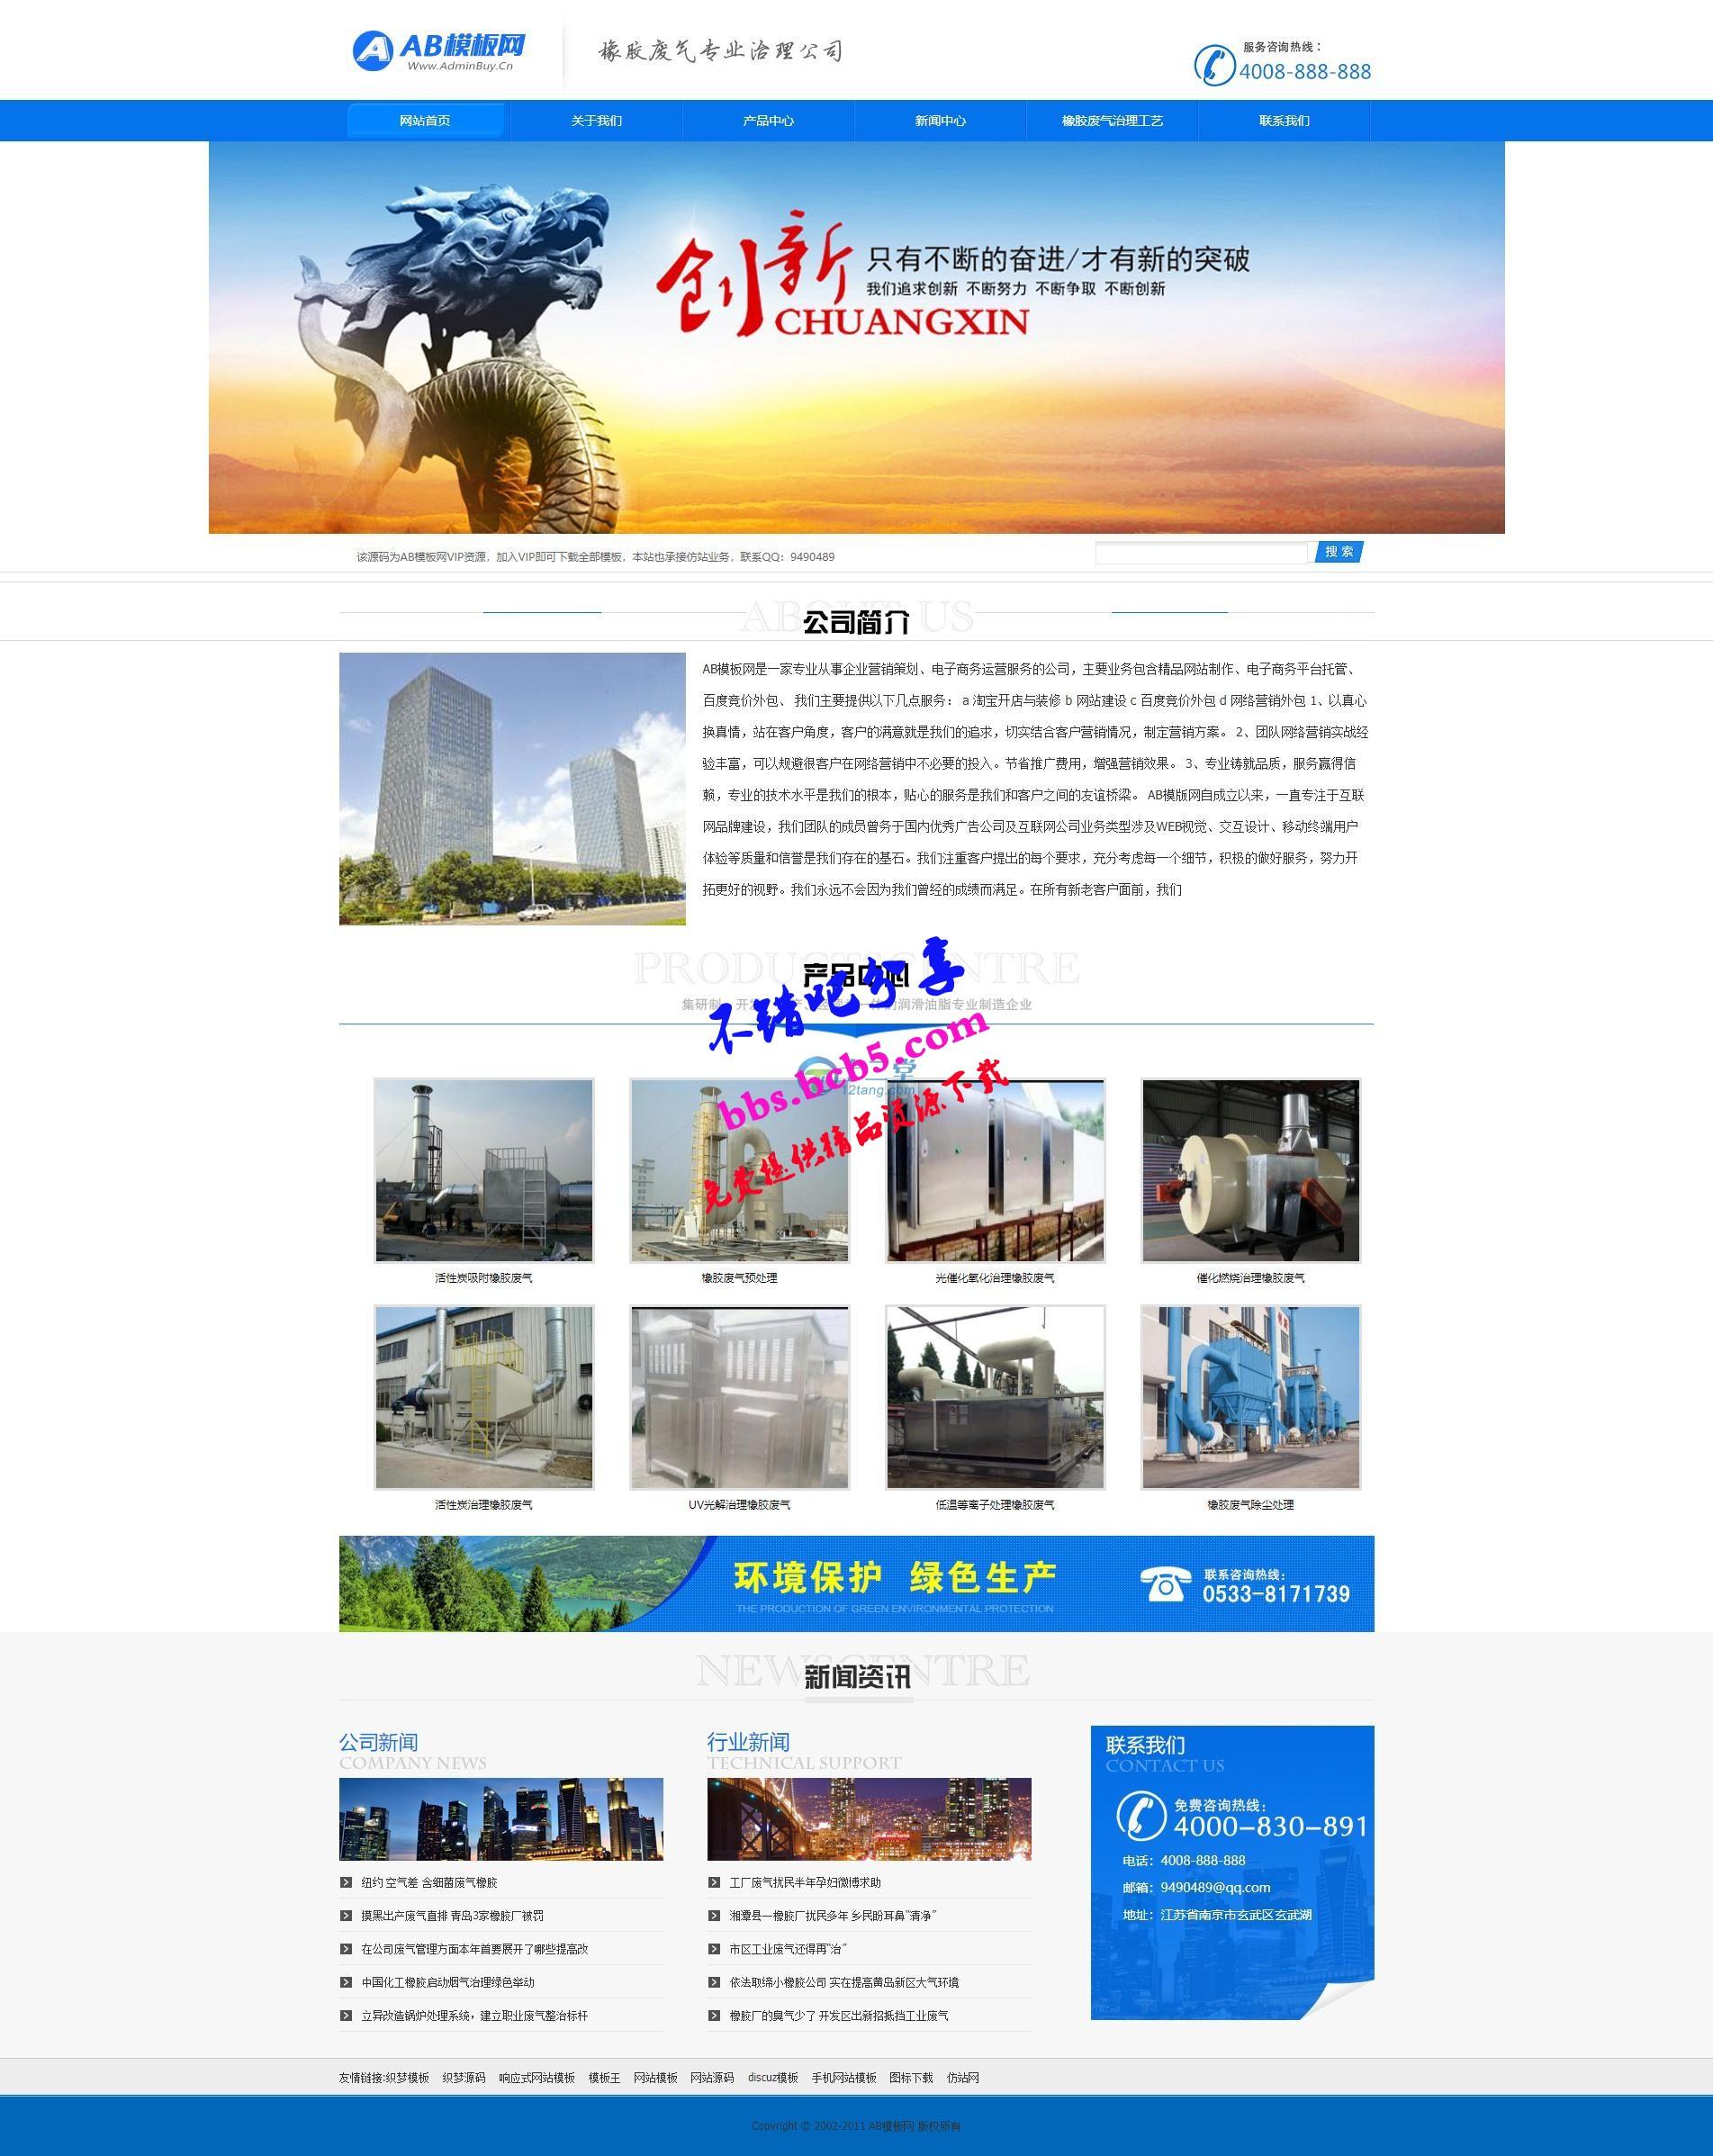 蓝色环保机械设备网站织梦dede模板源码+带手机版数据同步